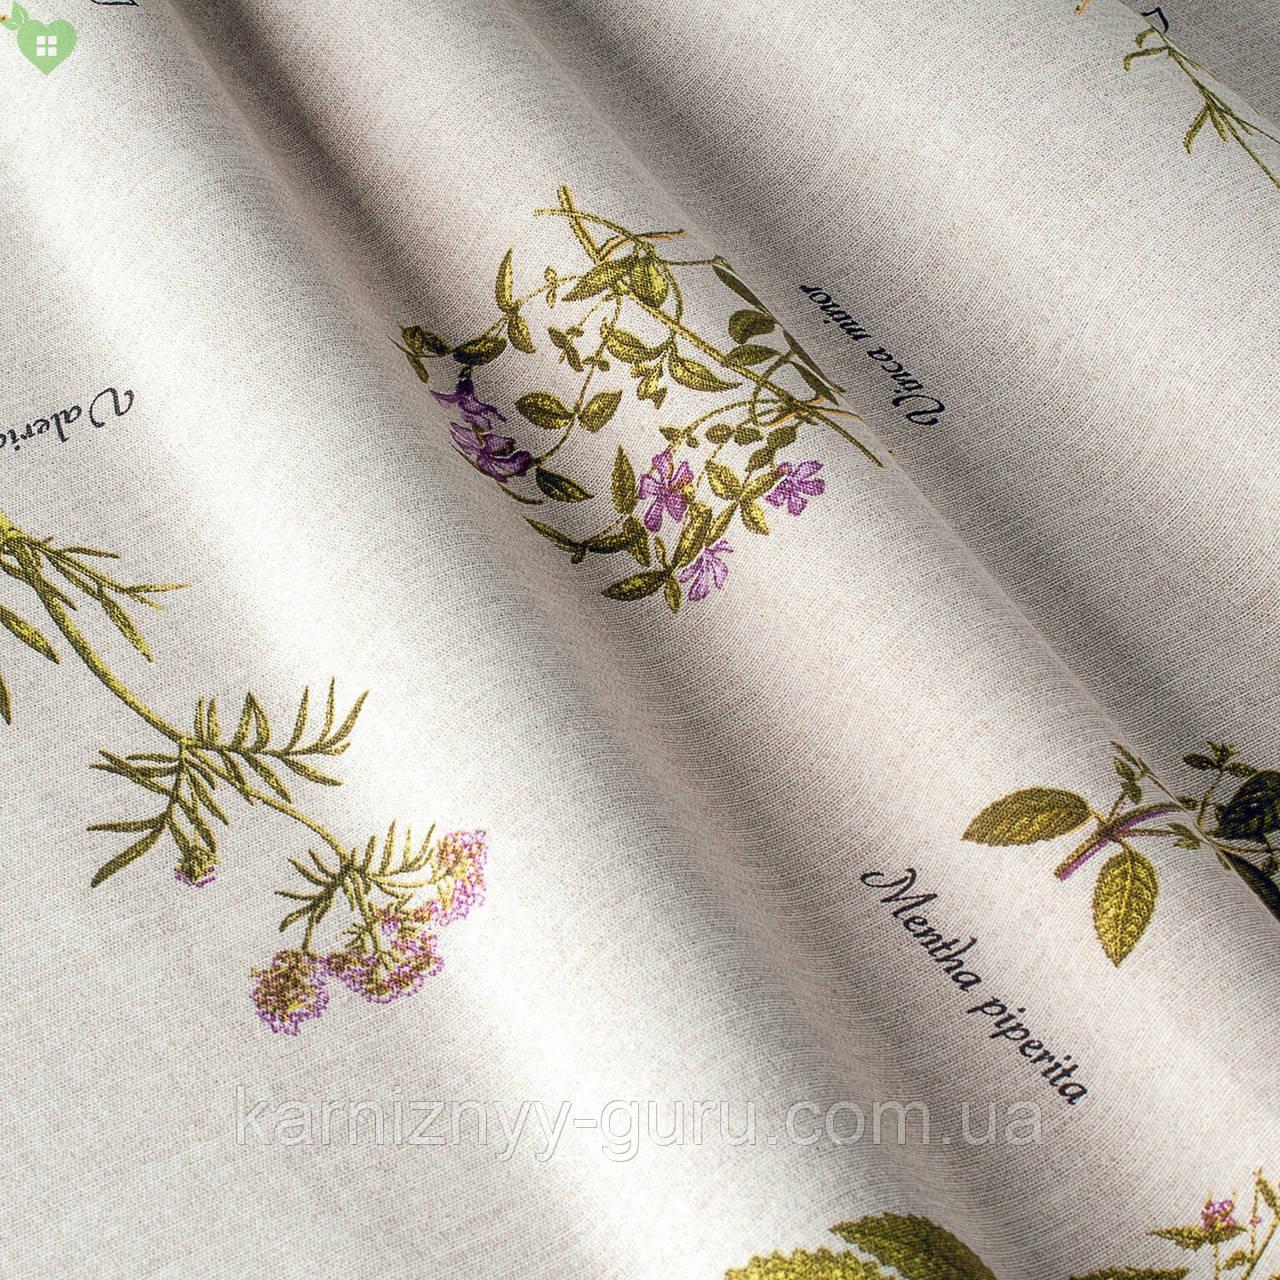 Декоративная ткань с редкими зелеными травинками на бежевом фоне 82643v1